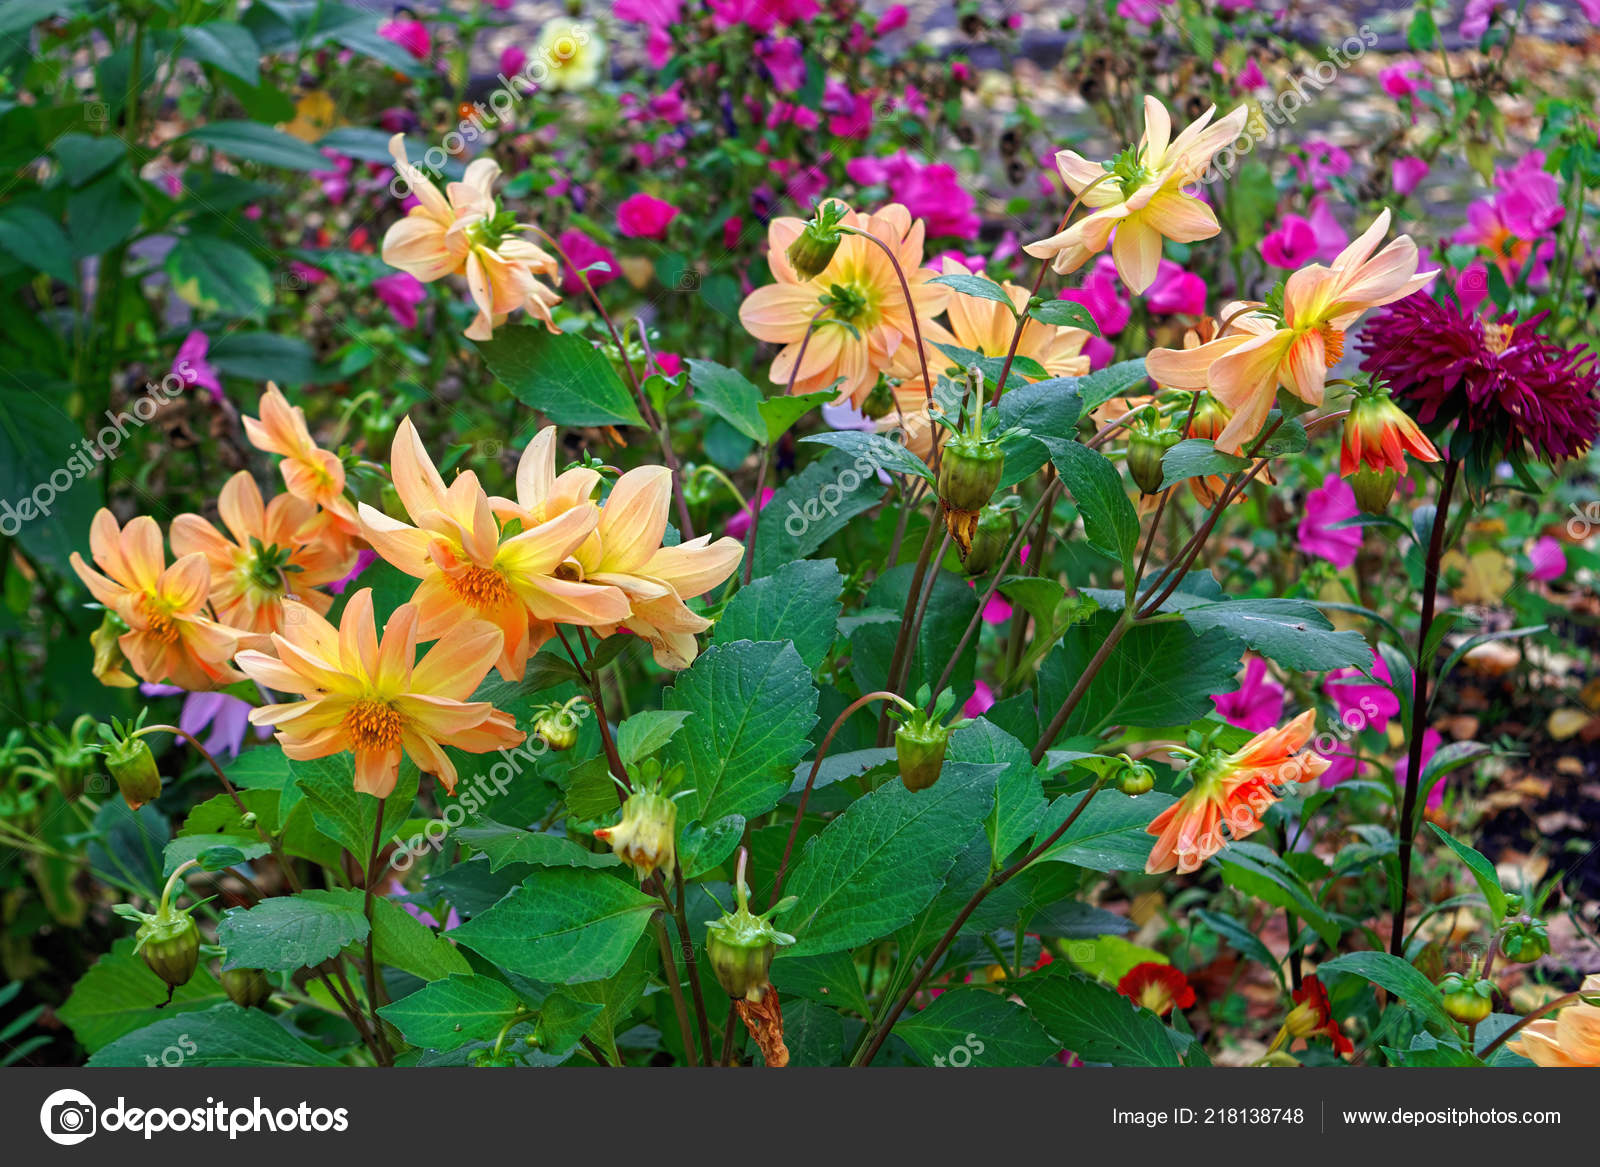 Image De Parterre De Fleurs fleurs automne colorés sur parterre fleurs dans parc